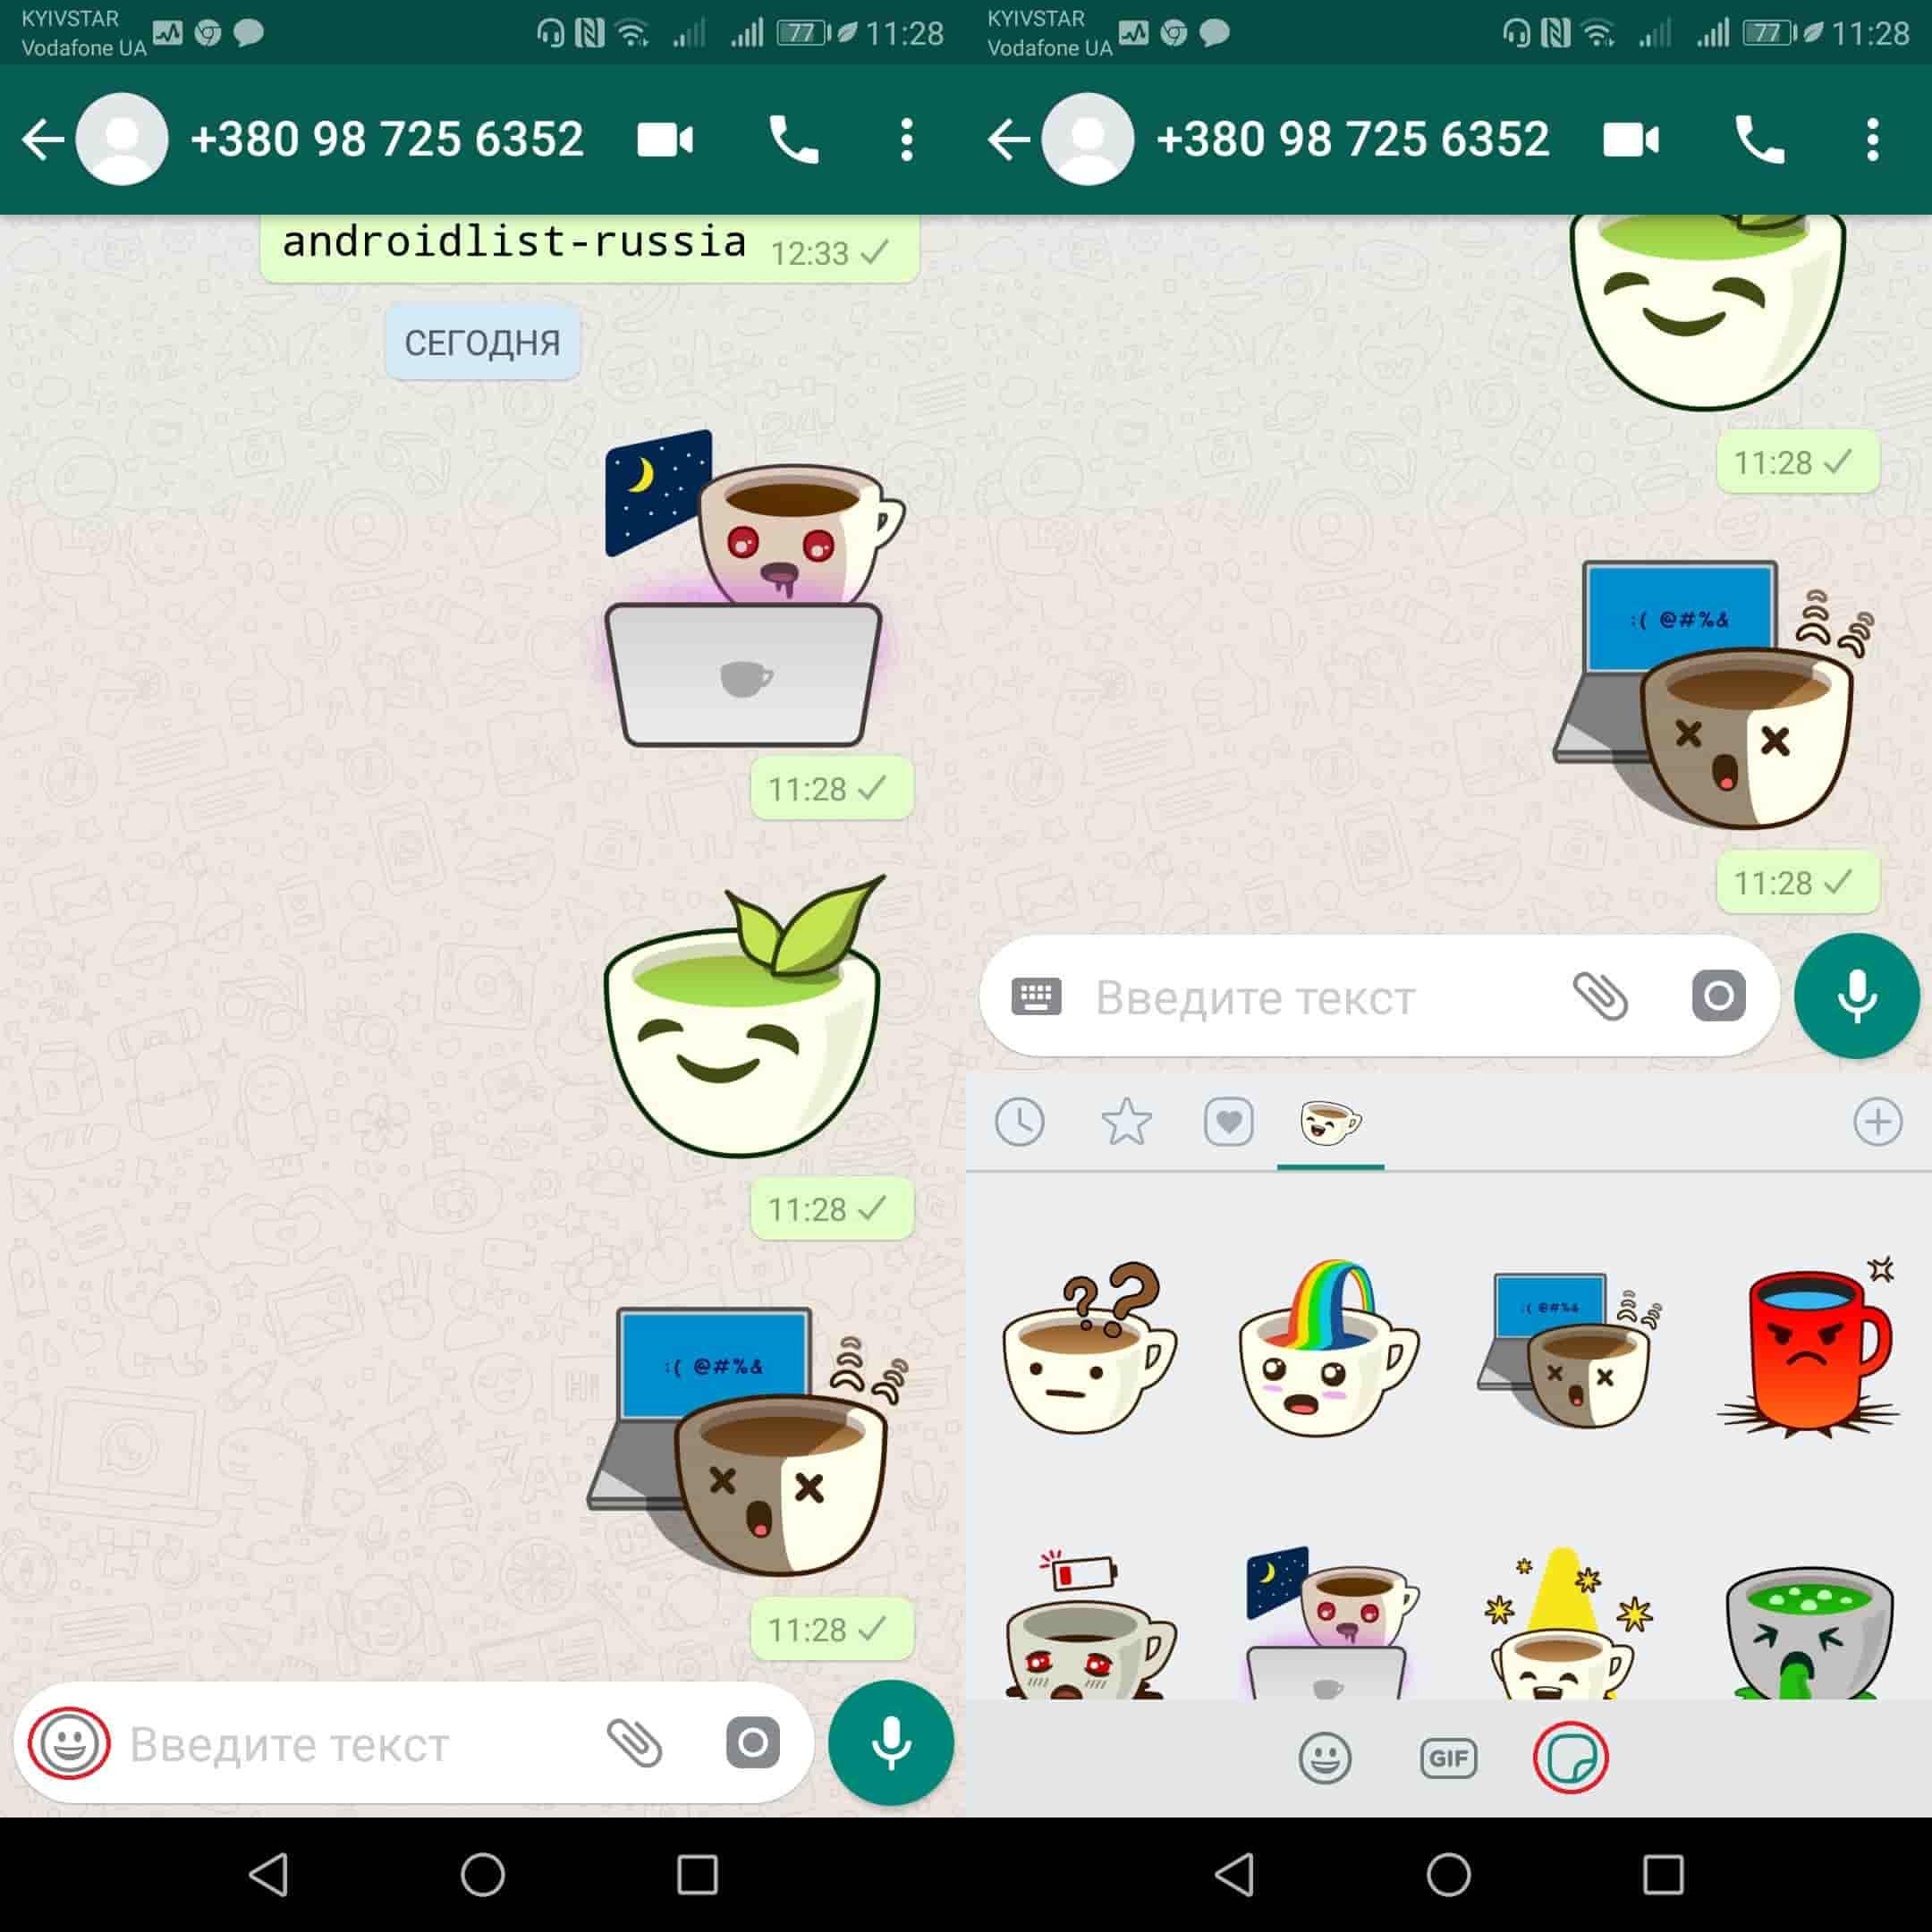 Image 3 Fitur Baru WhatsApp: 7 Hal yang Perlu Anda Ketahui tentang Stiker WhatsApp